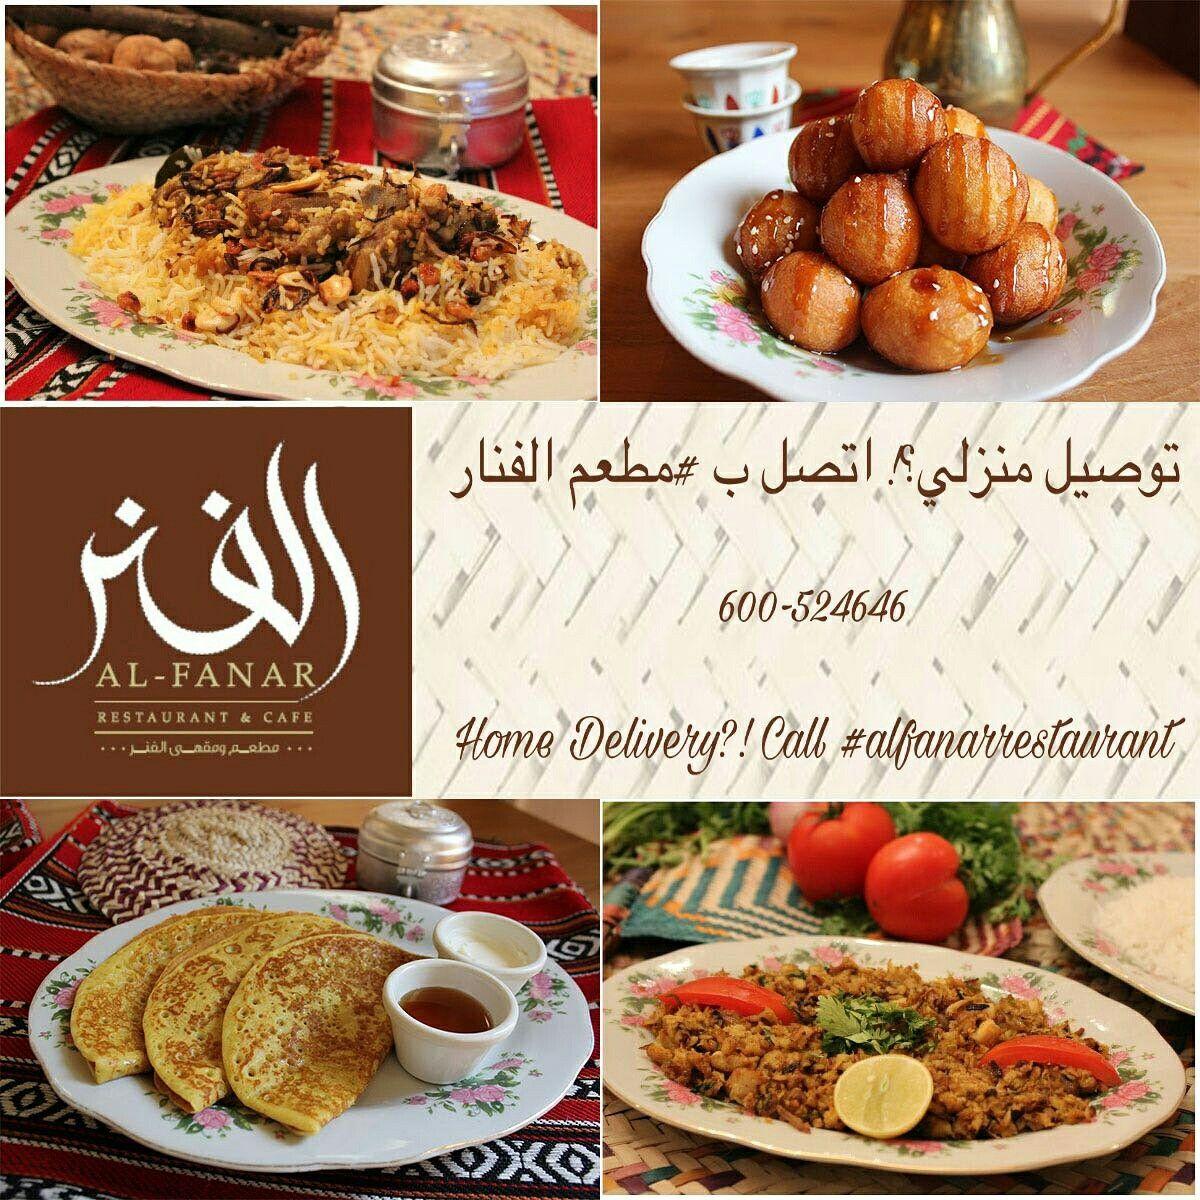 Pin By Al Fanar Restaurant Cafe On Emirati Restaurant Al Fanar Restaurant Cafe